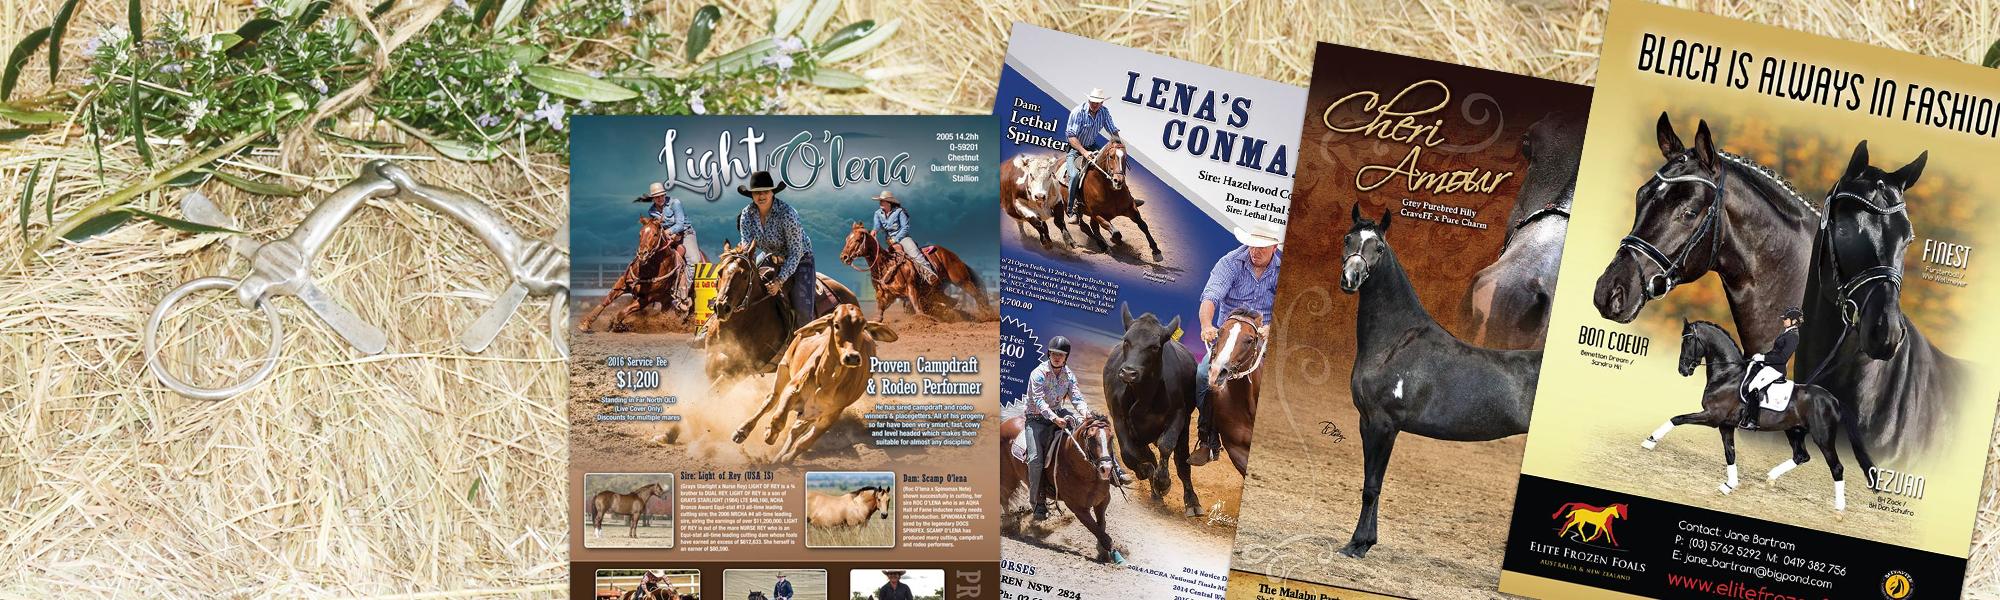 Equine Advertisement DesignEqfor magazines, social media or print